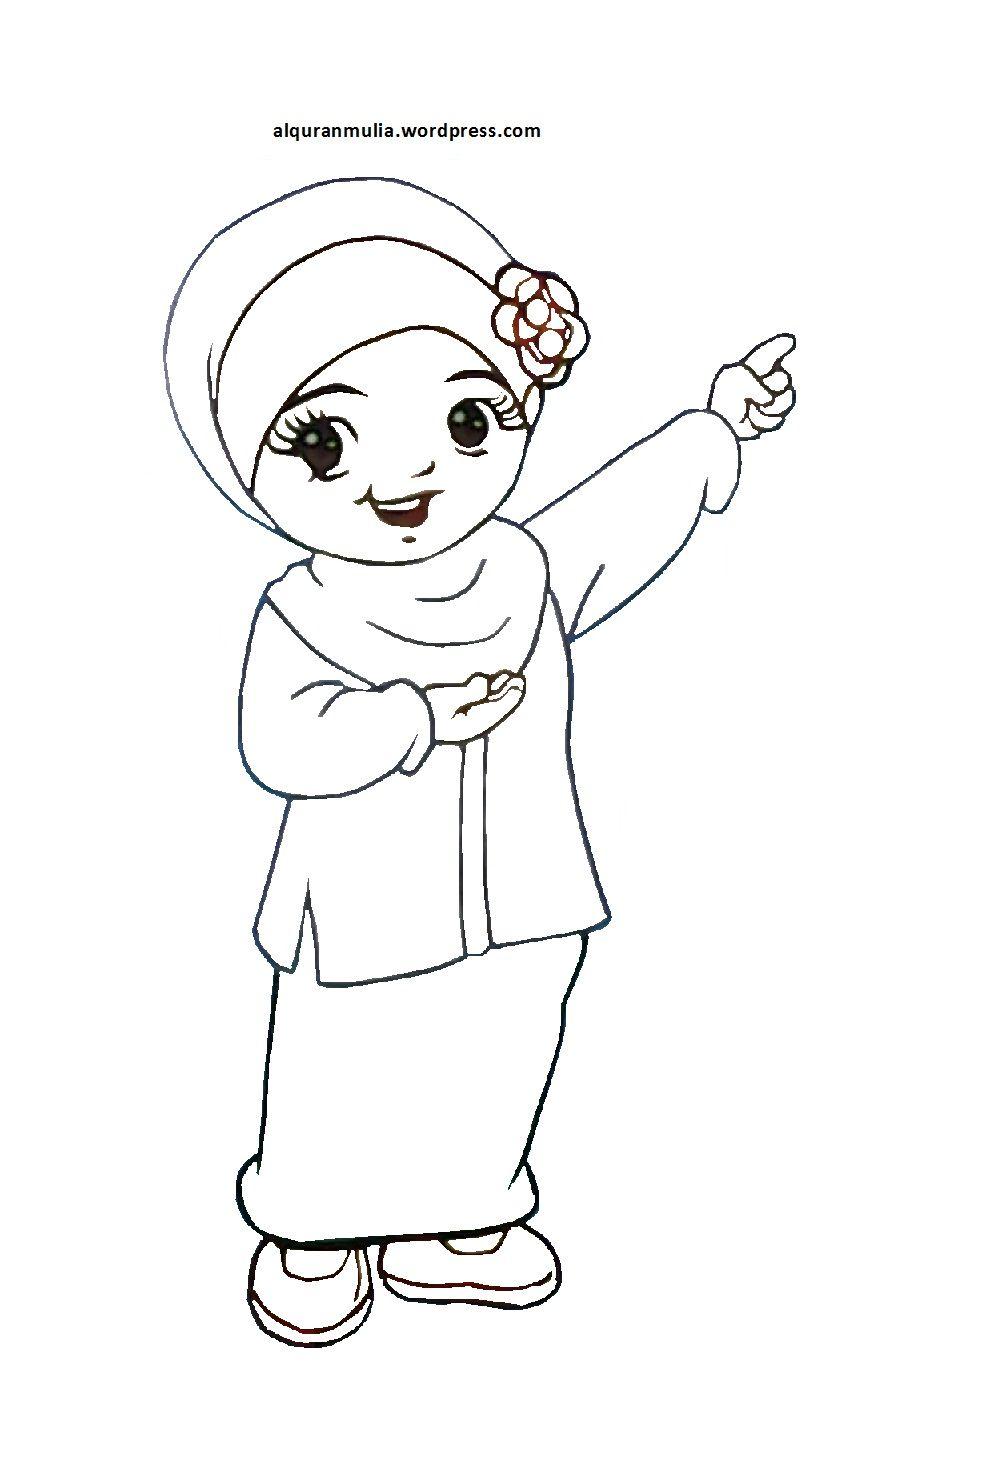 Mewarnai Gambar Kartun Anak Muslimah 18 Alquru002639anmulia